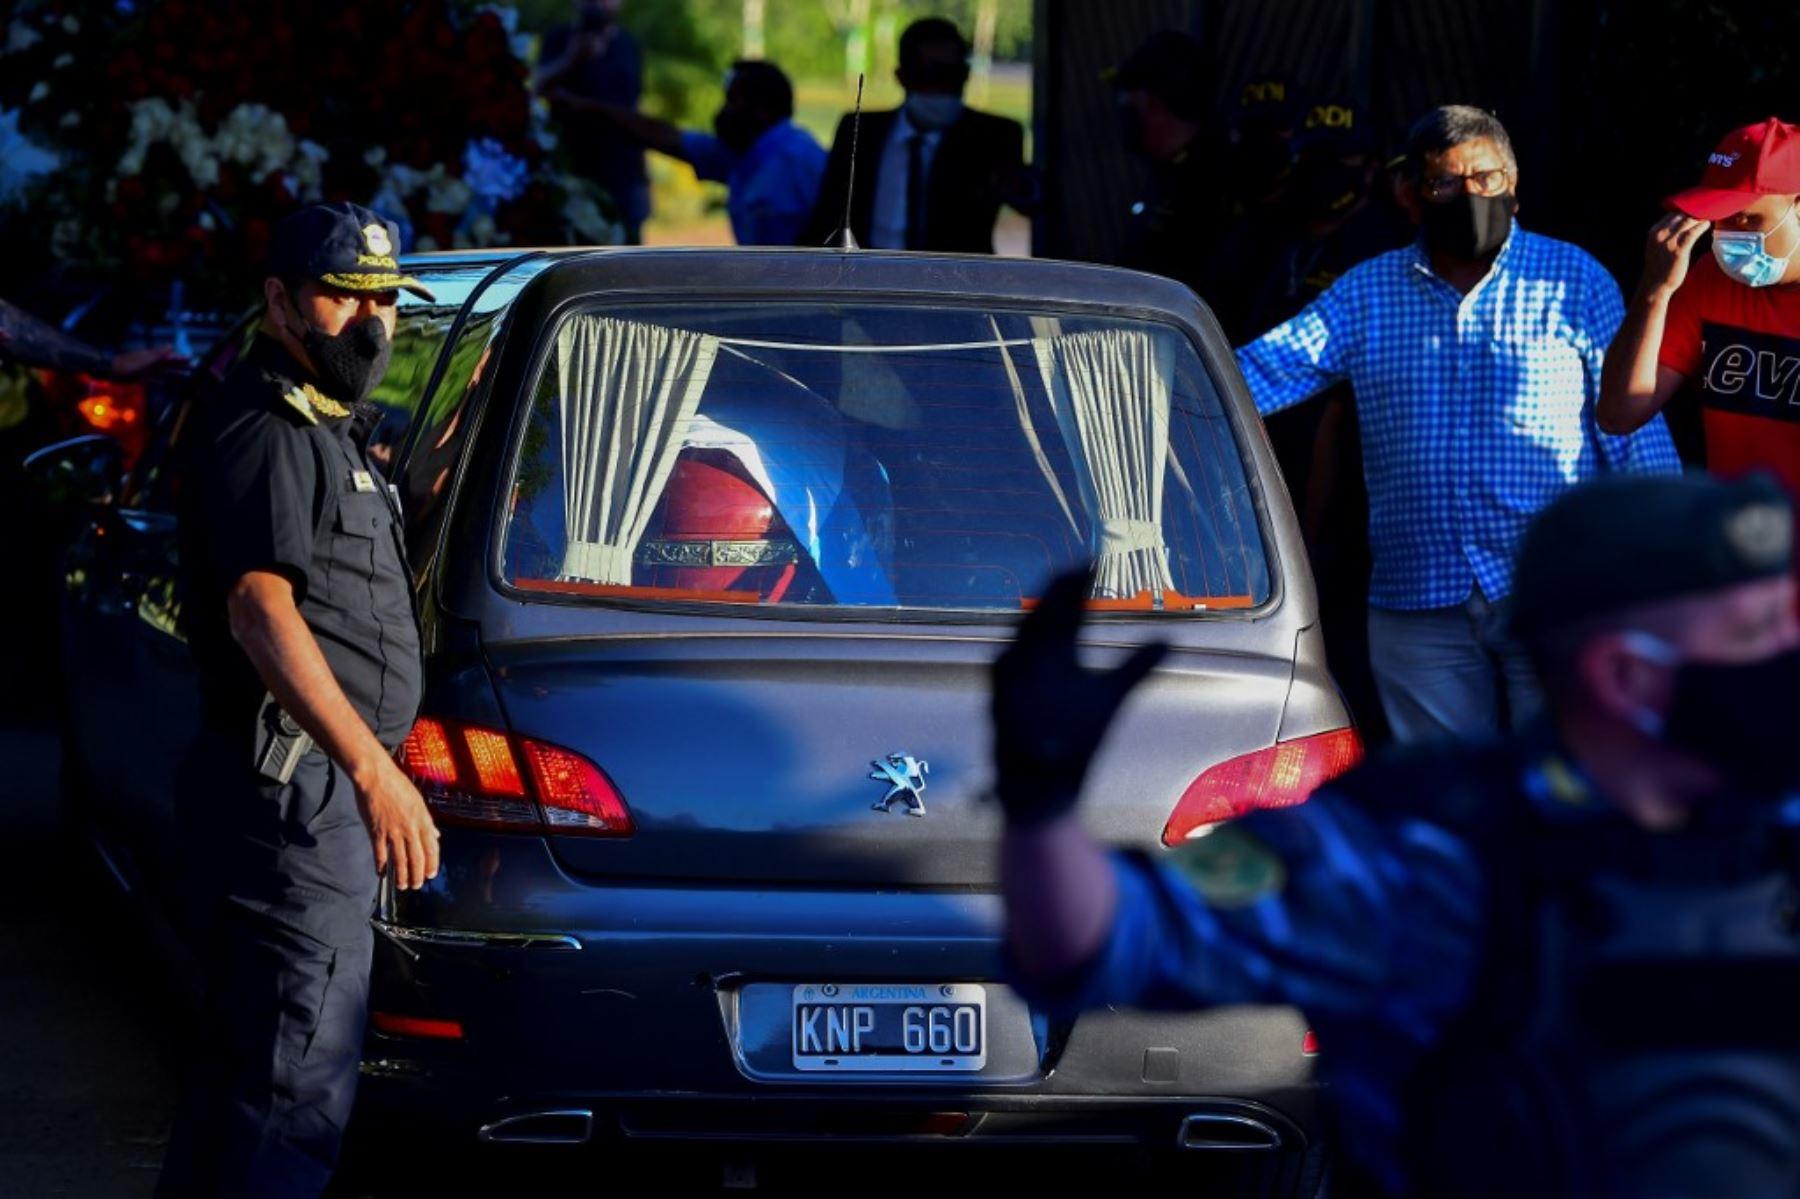 El coche fúnebre que transportaba al fallecido leyenda del fútbol argentino Diego Armando Maradona llega al cementerio Jardín Bella Vista, en la provincia de Buenos Aires. Foto: AFP